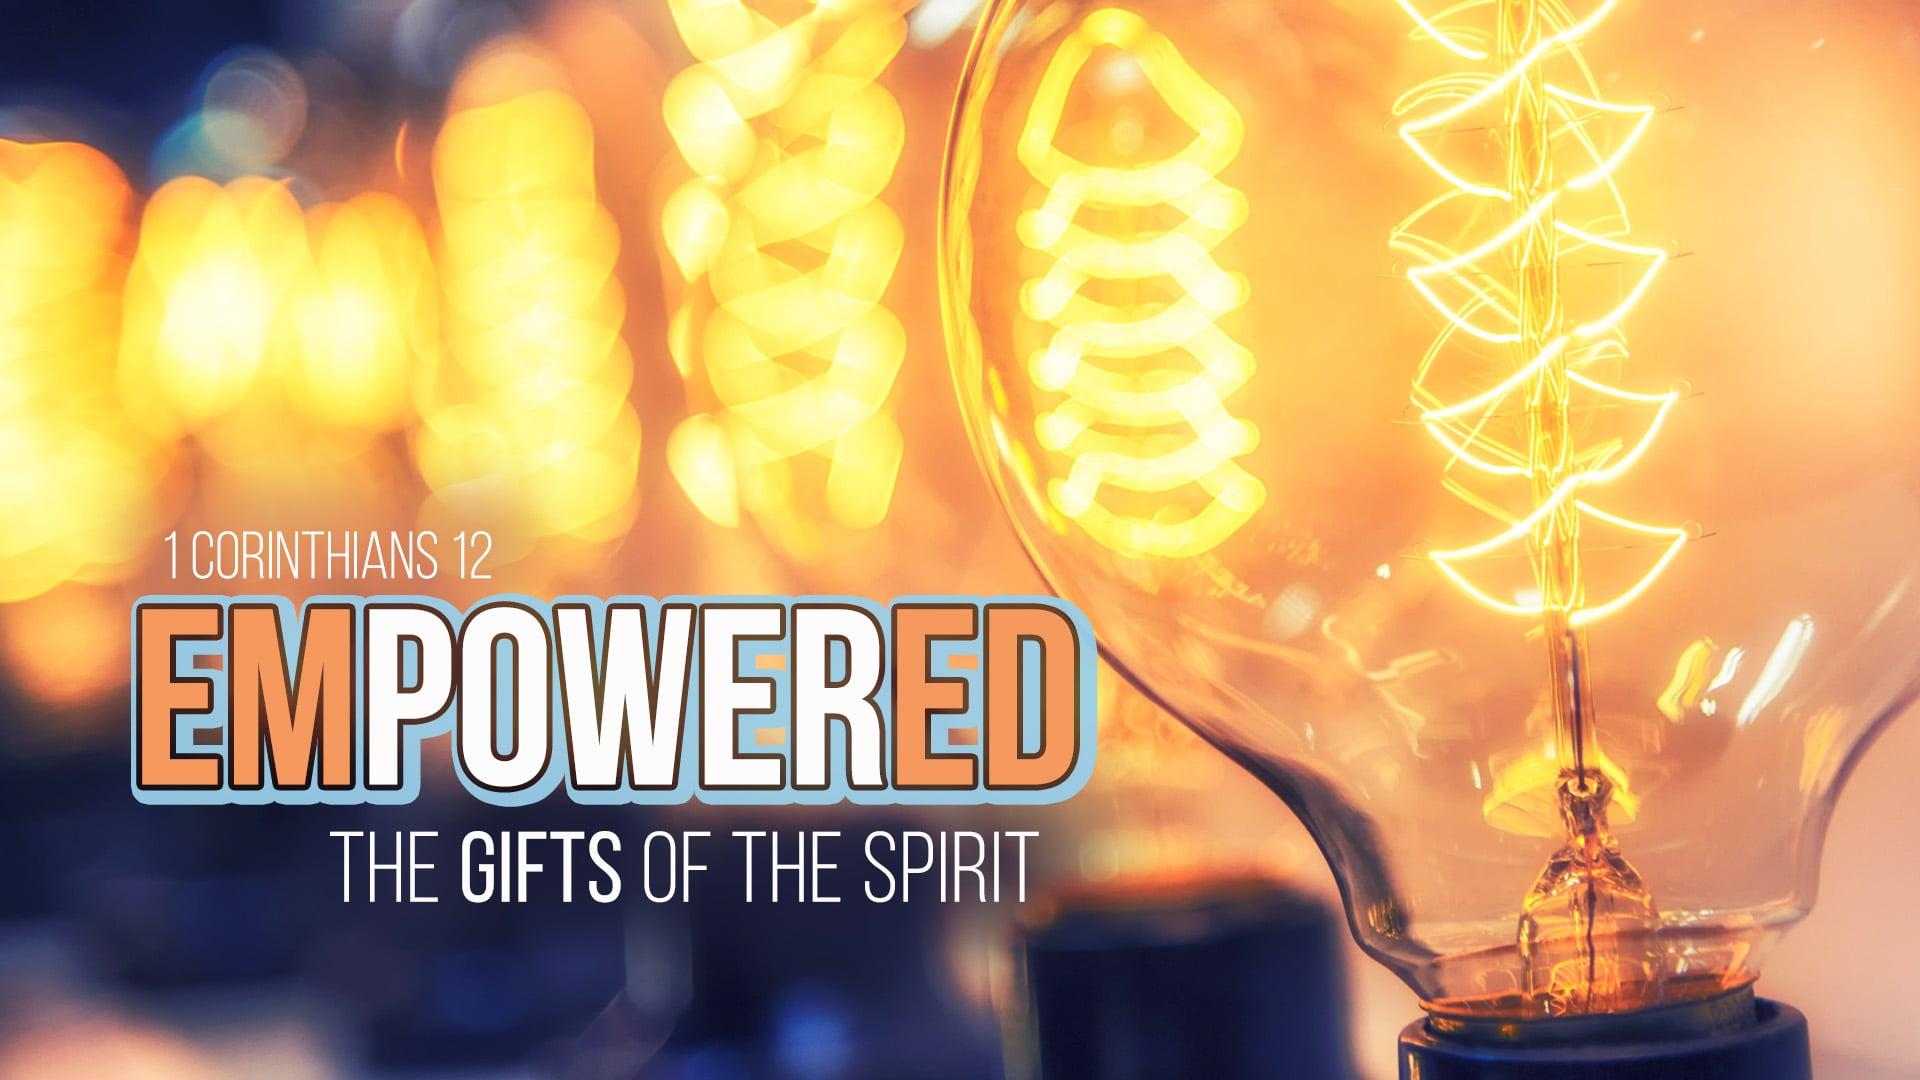 Empowered - Part 3